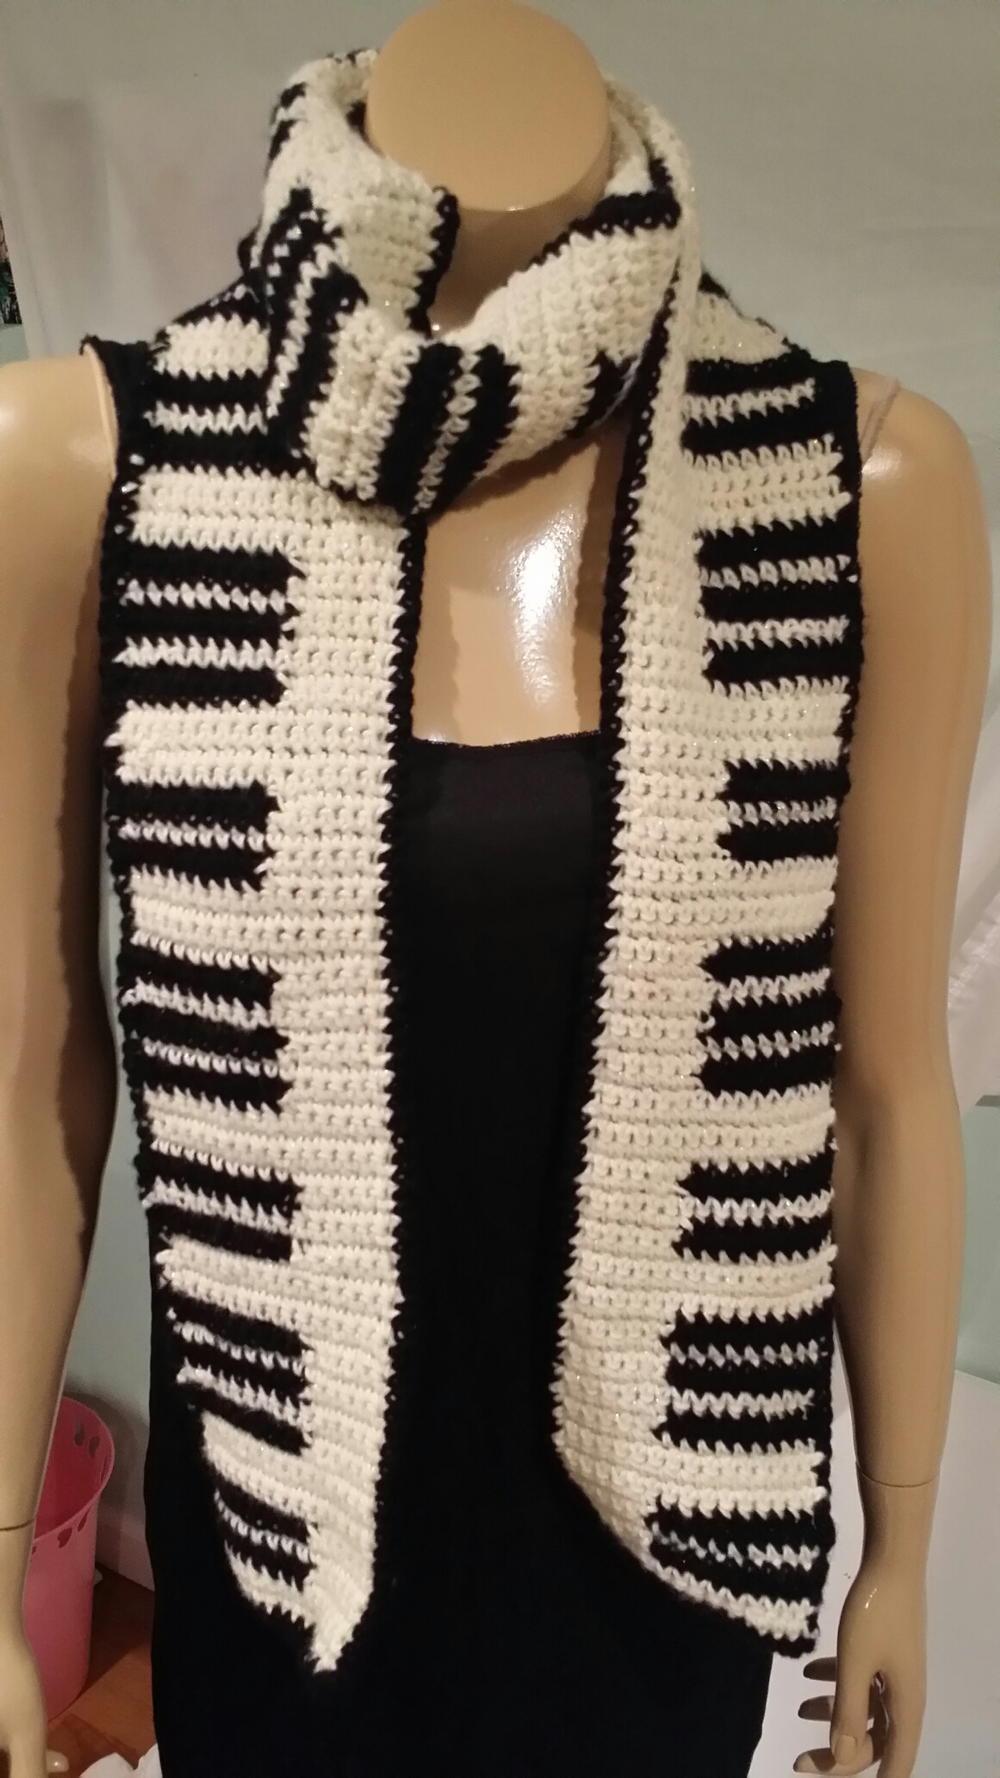 Keyboard Crochet Scarf Pattern | AllFreeCrochet.com